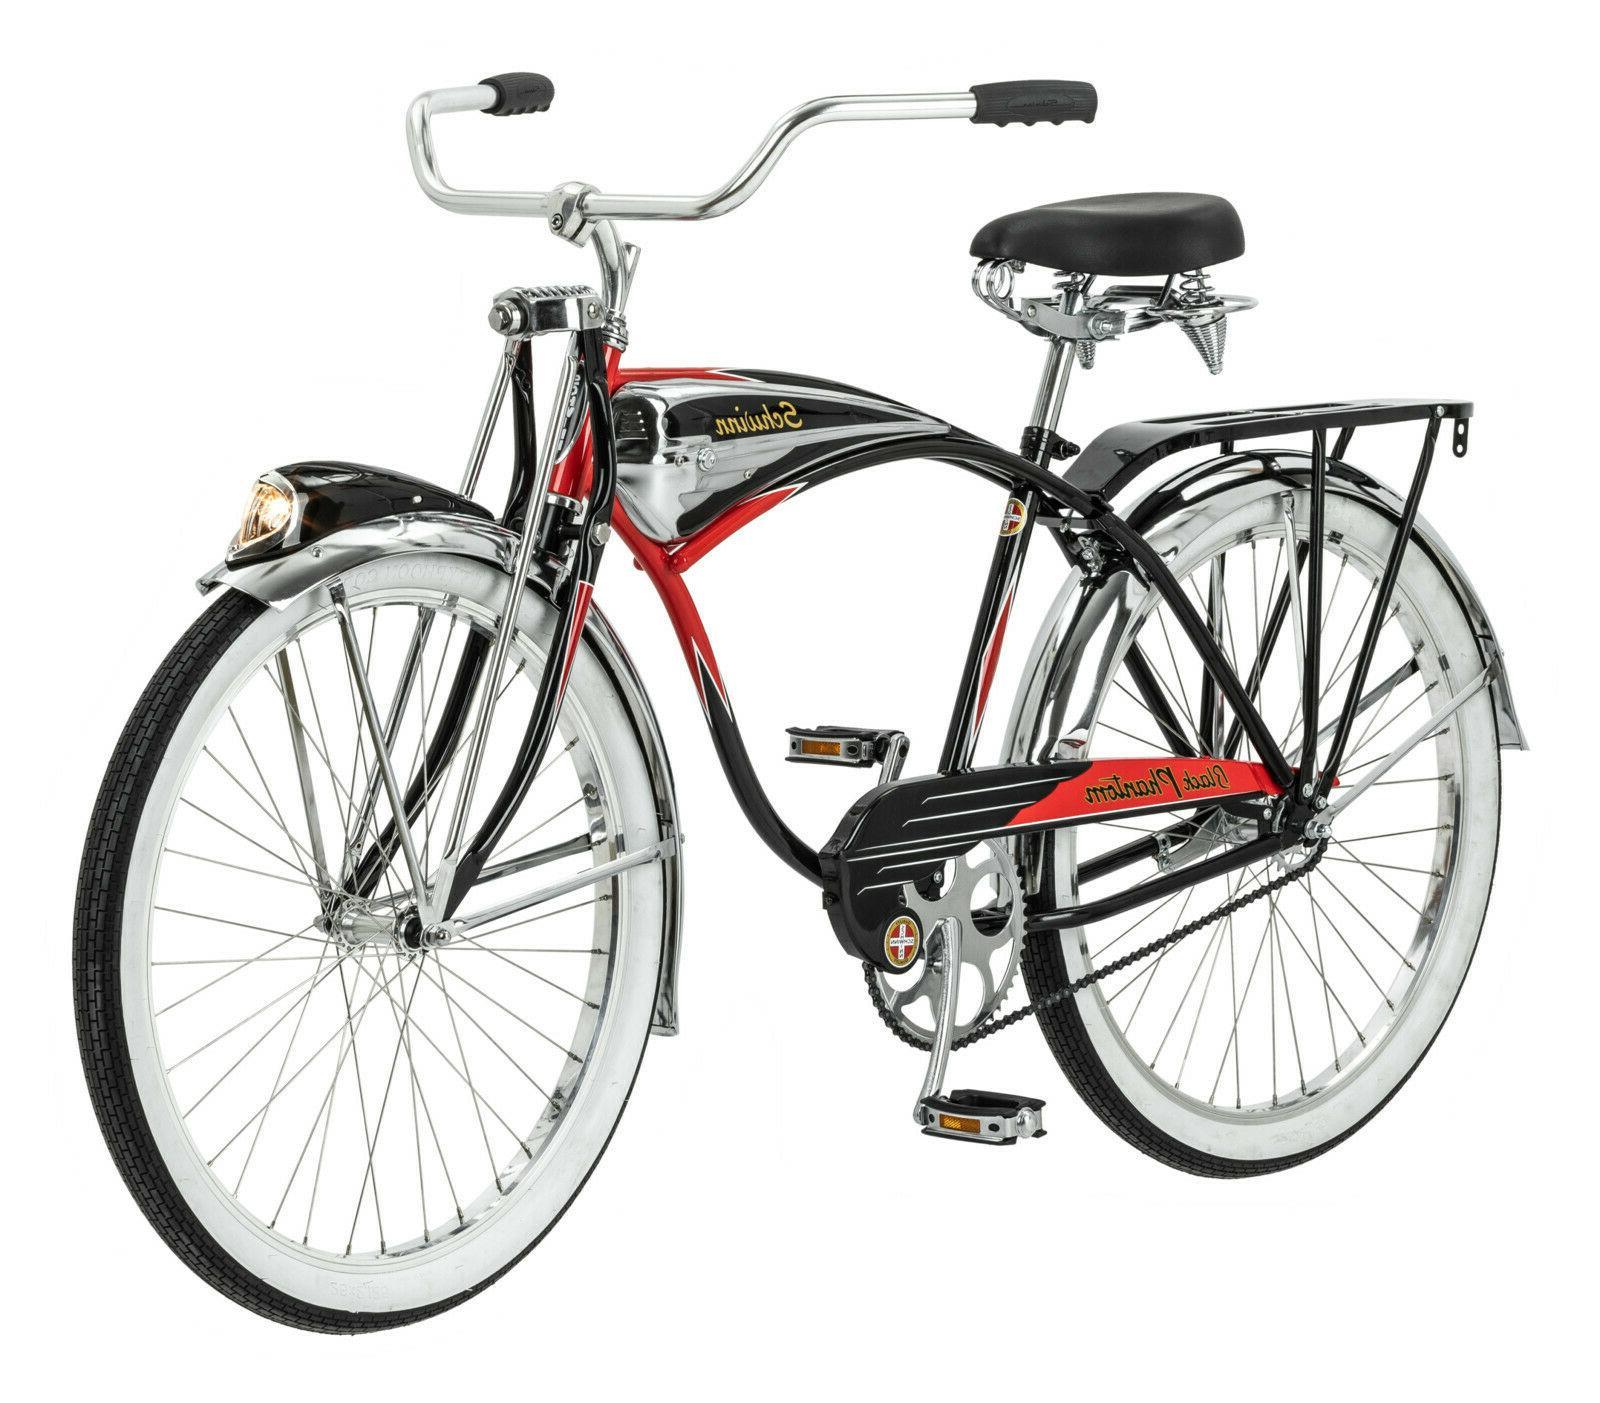 Schwinn Black Phantom Cruiser Bike, single speed, 26-inch